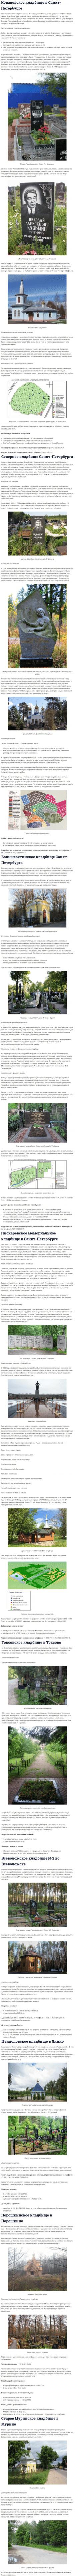 РИТУАЛЬНЫЕ | Кладбища Санкт-Петербурга